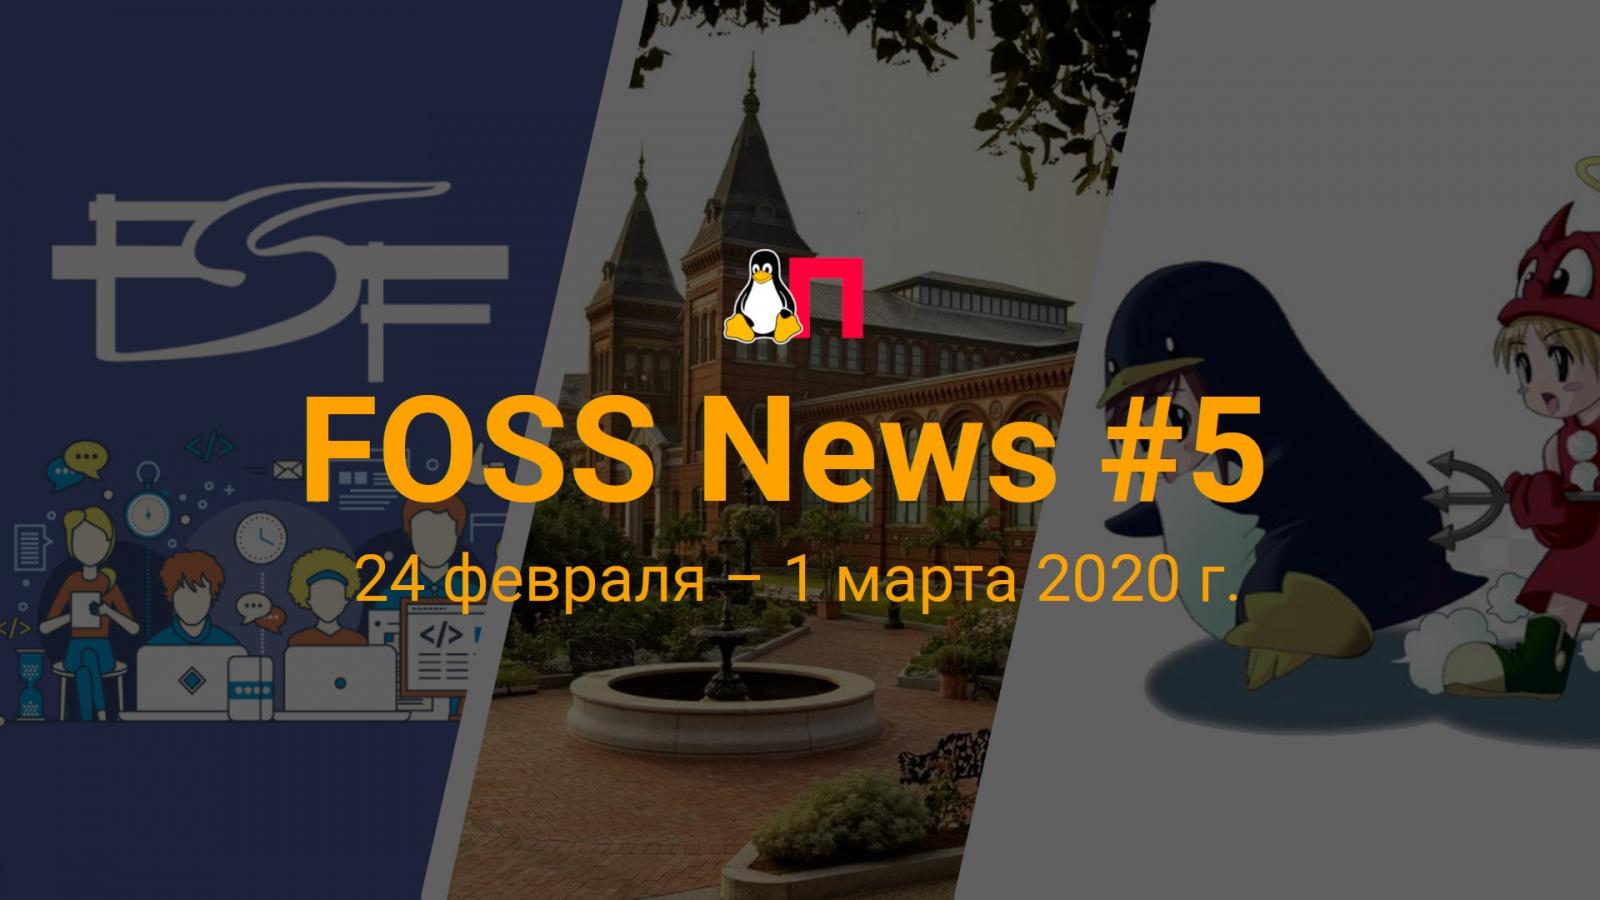 FOSS News №5 — обзор новостей свободного и открытого ПО за 24 февраля — 1 марта 2020 года - 1